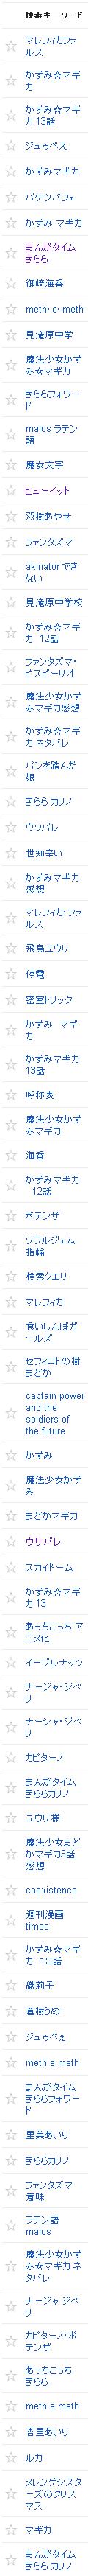 2012/02/02の検索クエリ一覧(ウェブマスターツール)